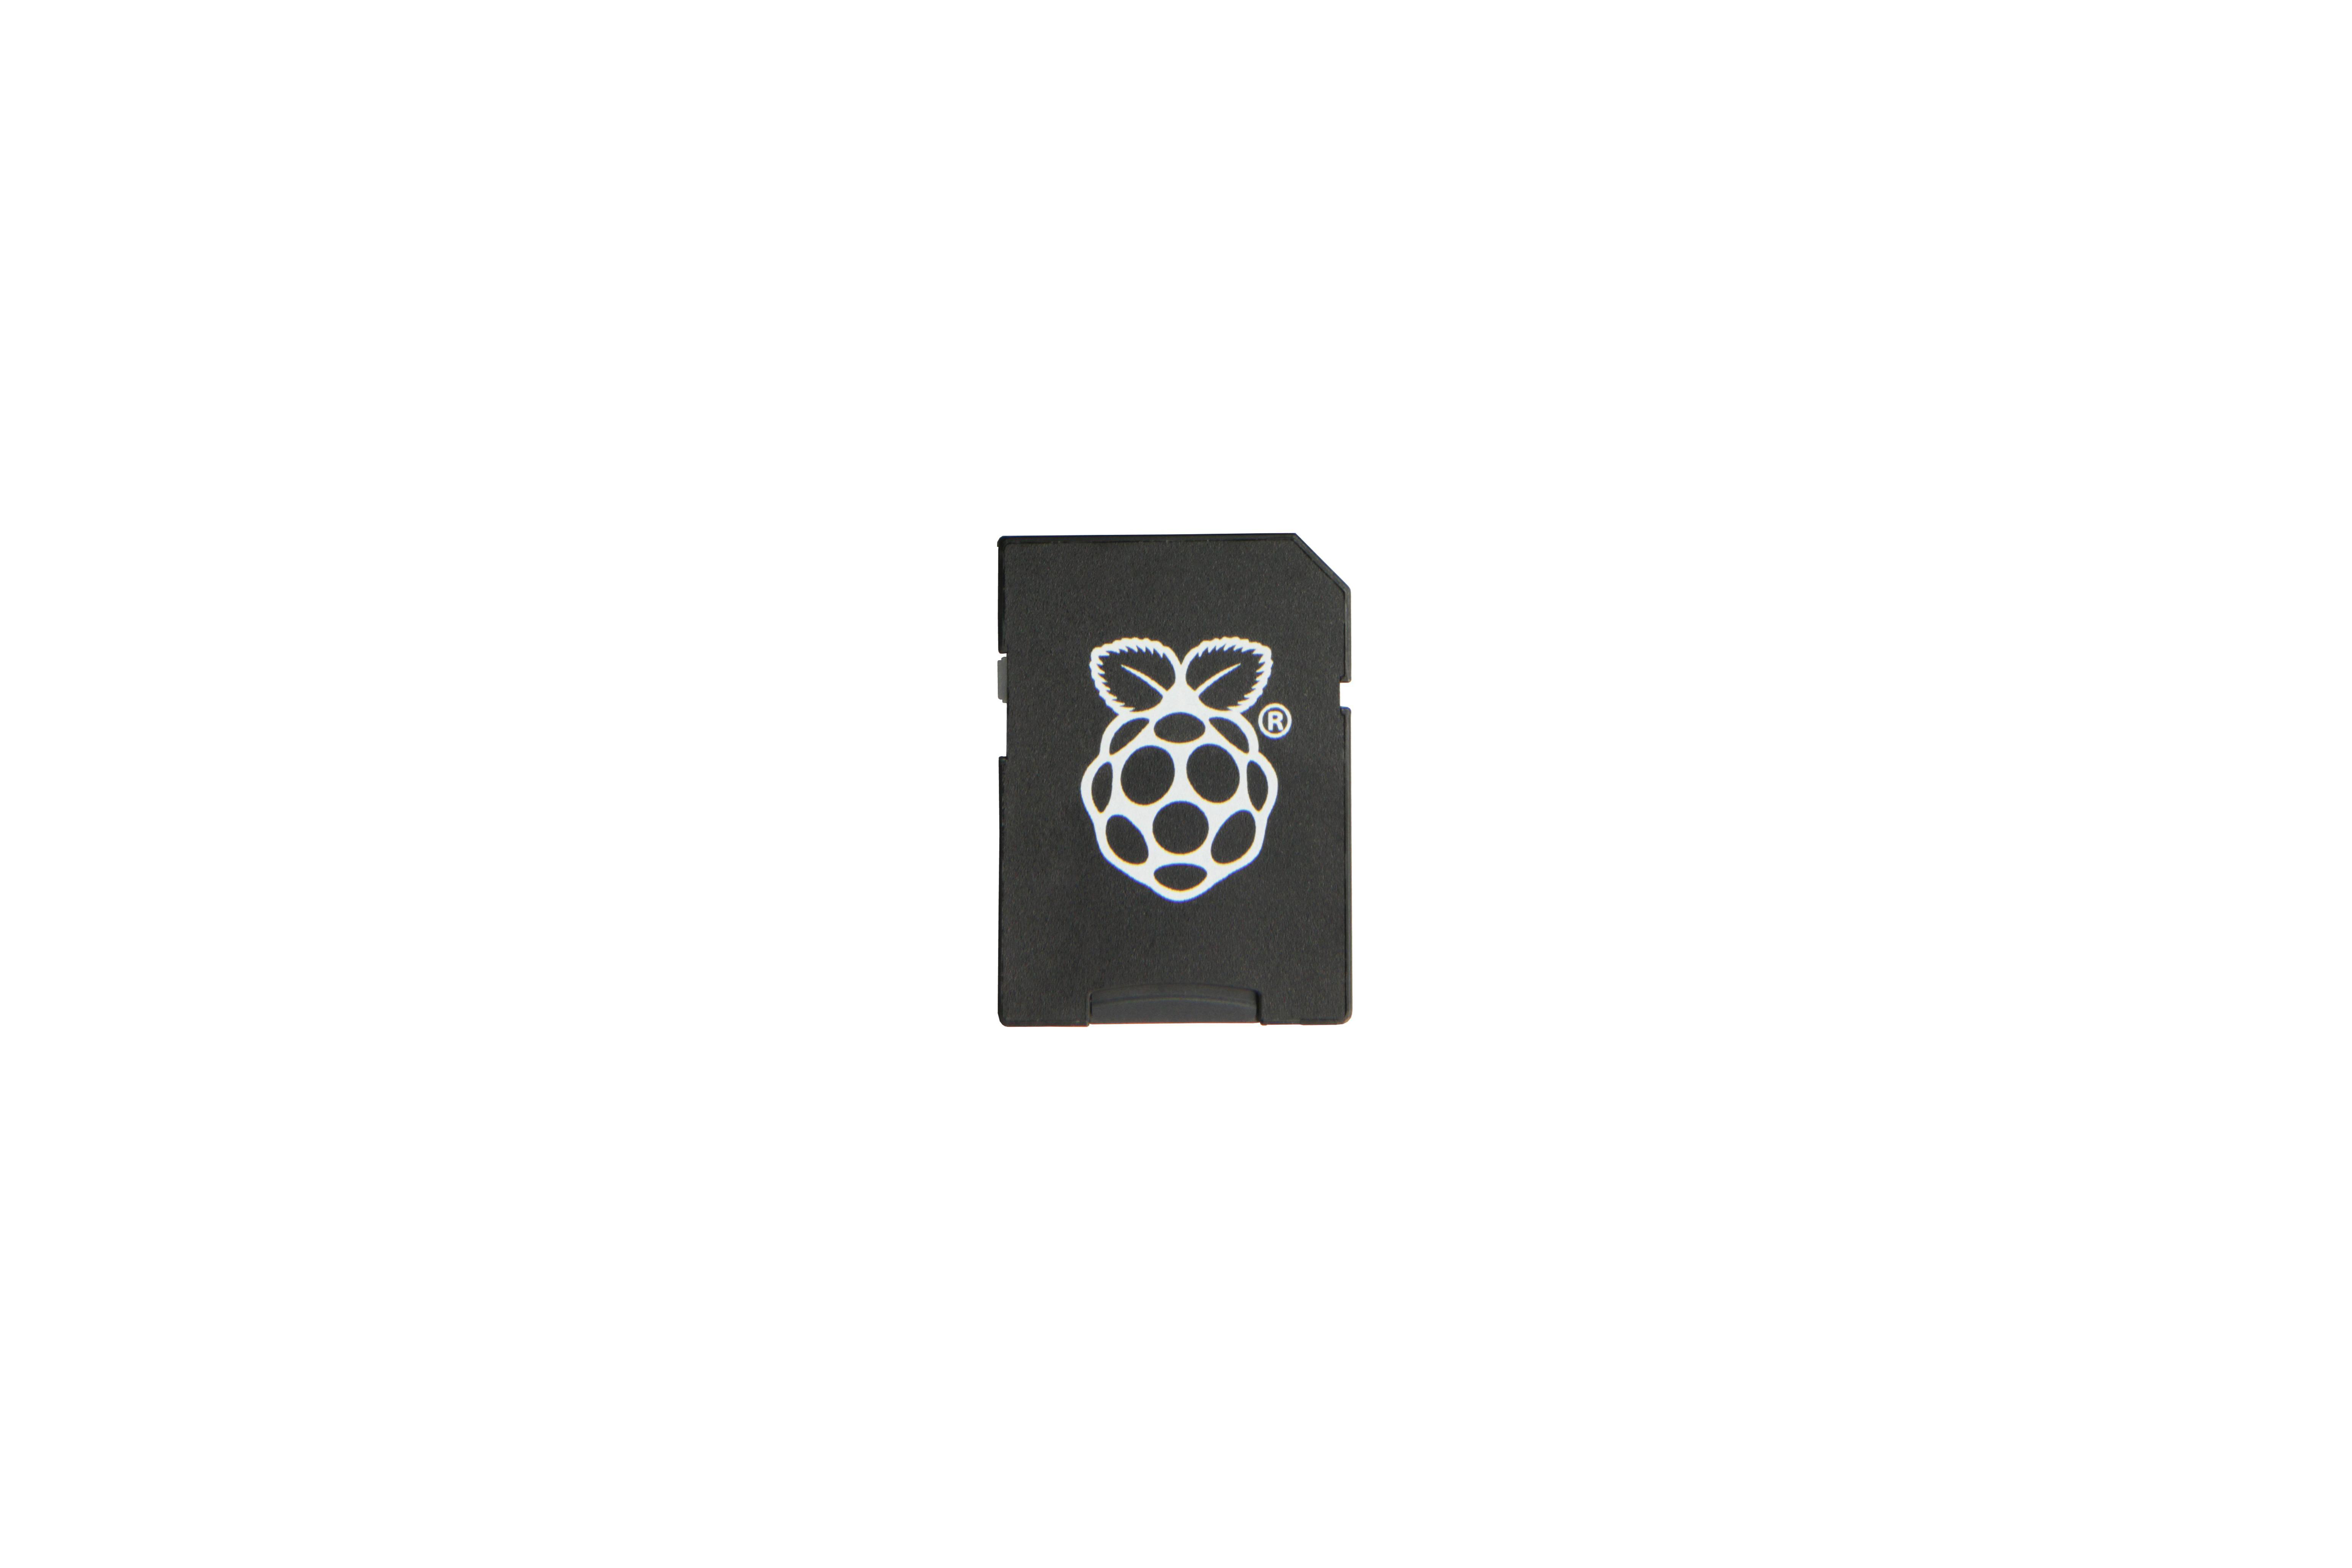 SD-kaart met NOOBSvooraf geïnstalleerd - 32 GB